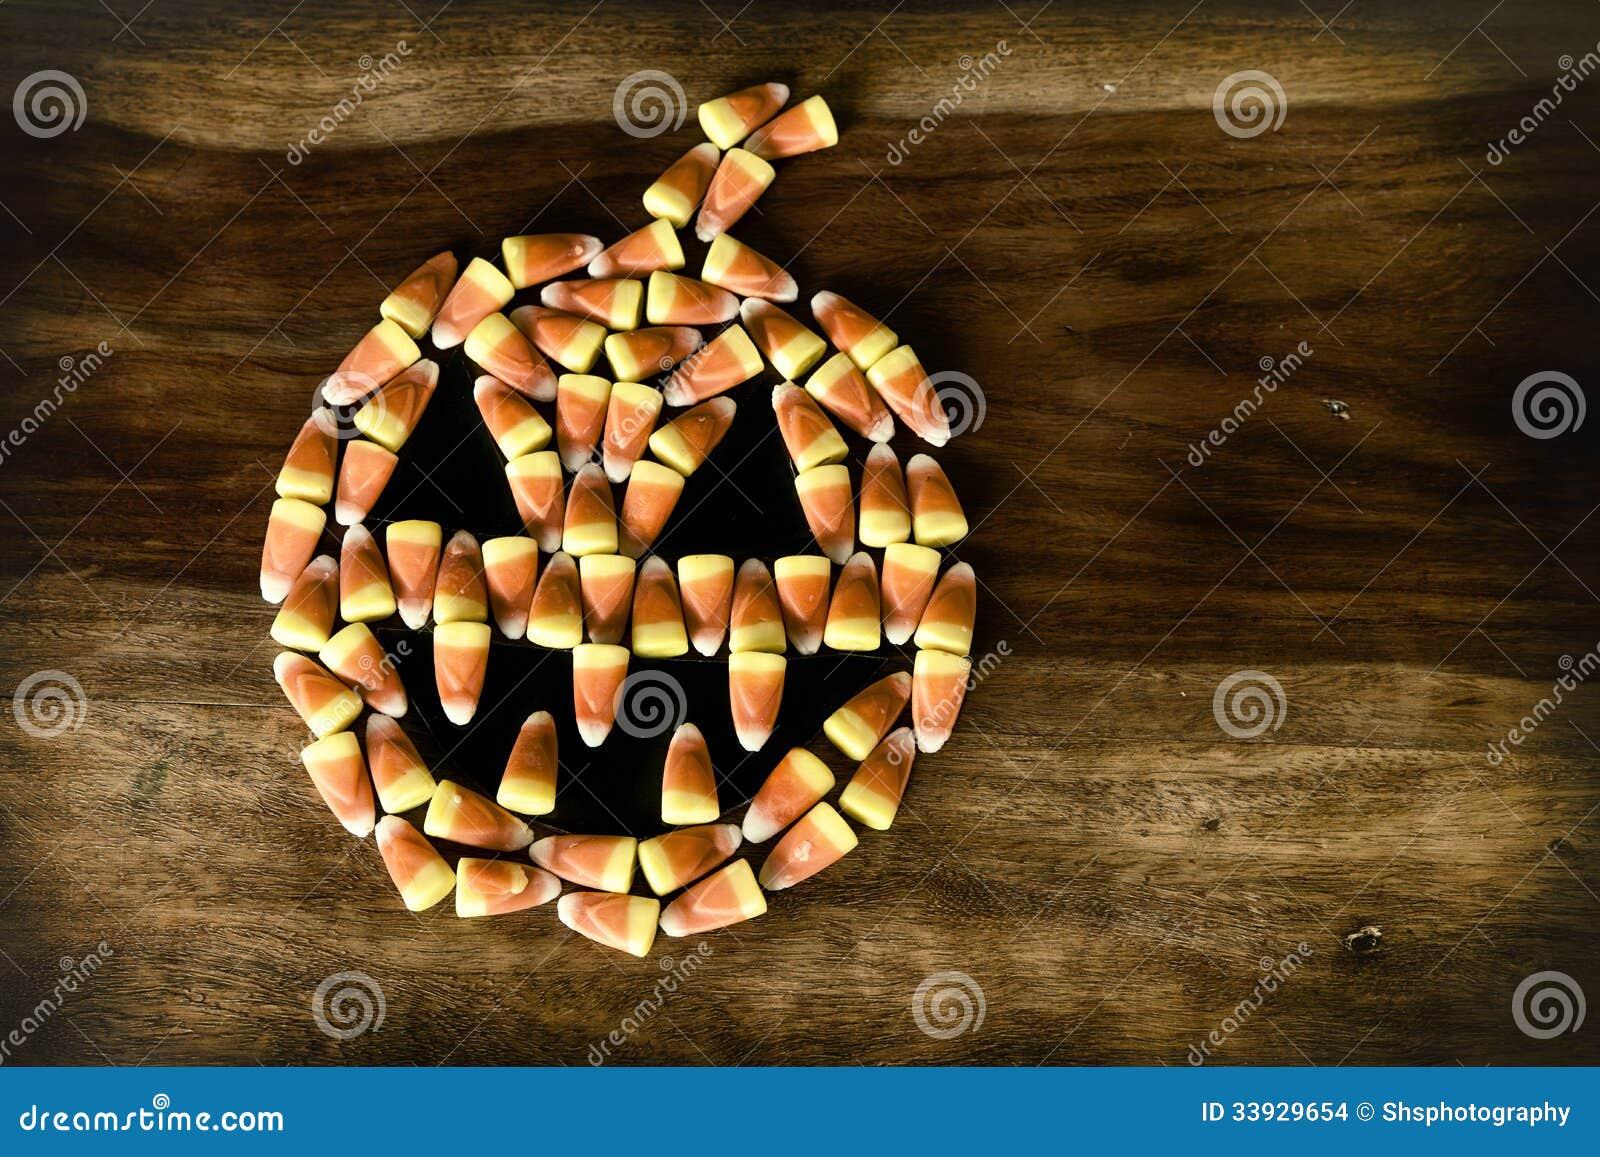 De hefboom-o-Lantaarn van het suikergoedgraan met hoektanden